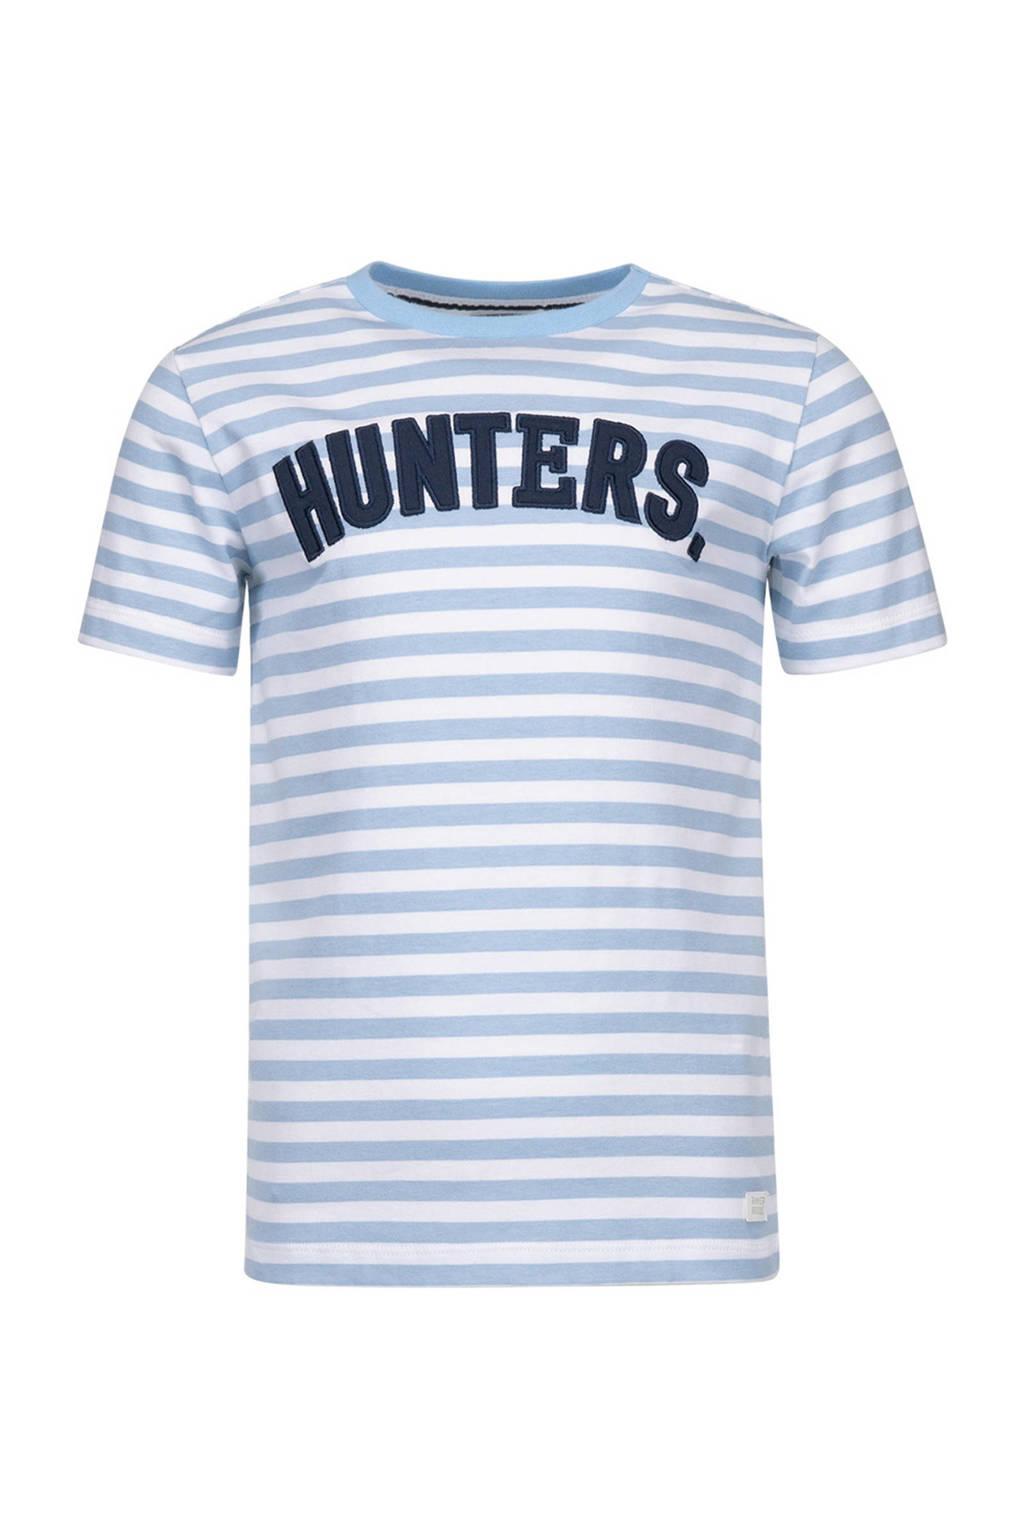 Baker Bridge T-shirt Tano met strepen, Blauw/wit